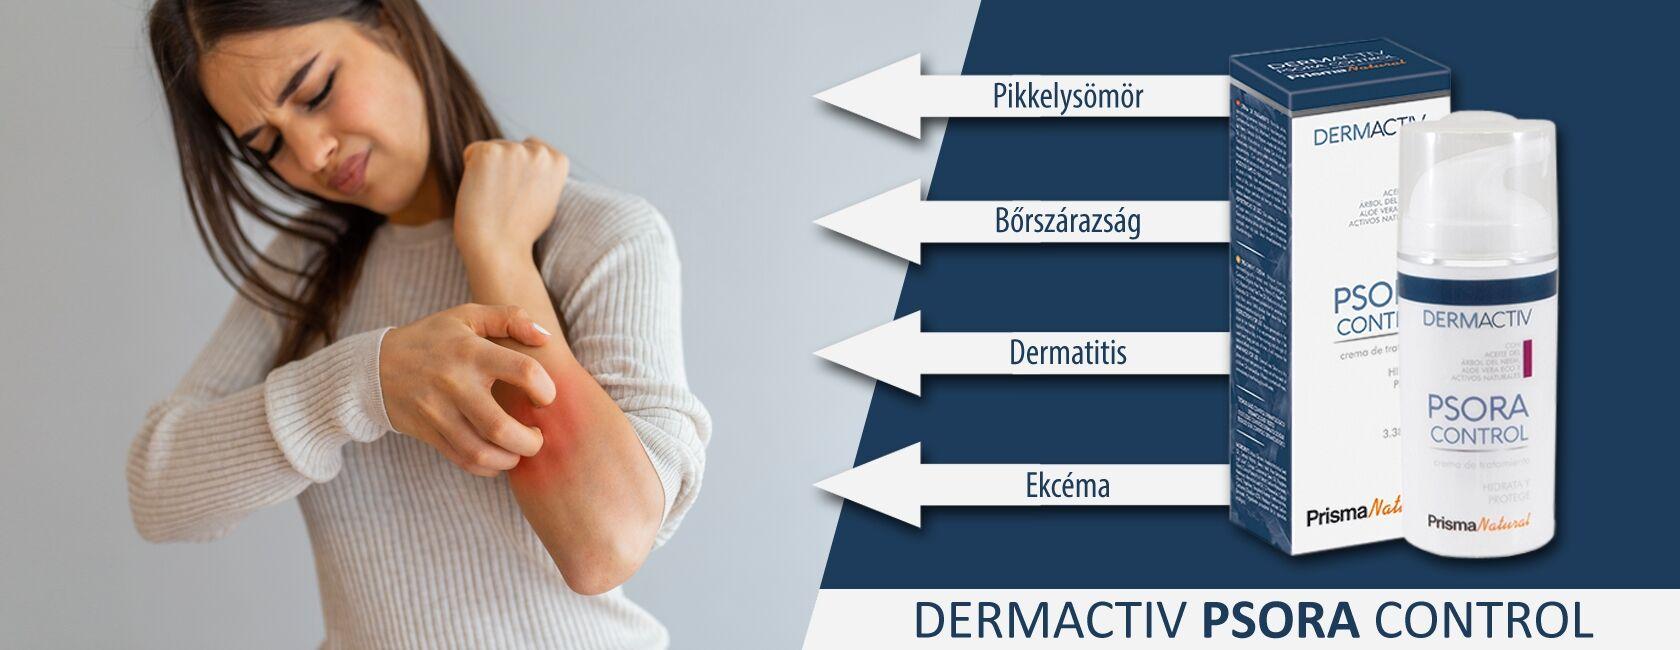 Bőrbetegségek: pikkelysömör (psoriasis) és ekcéma kezelése gyógygombákkal